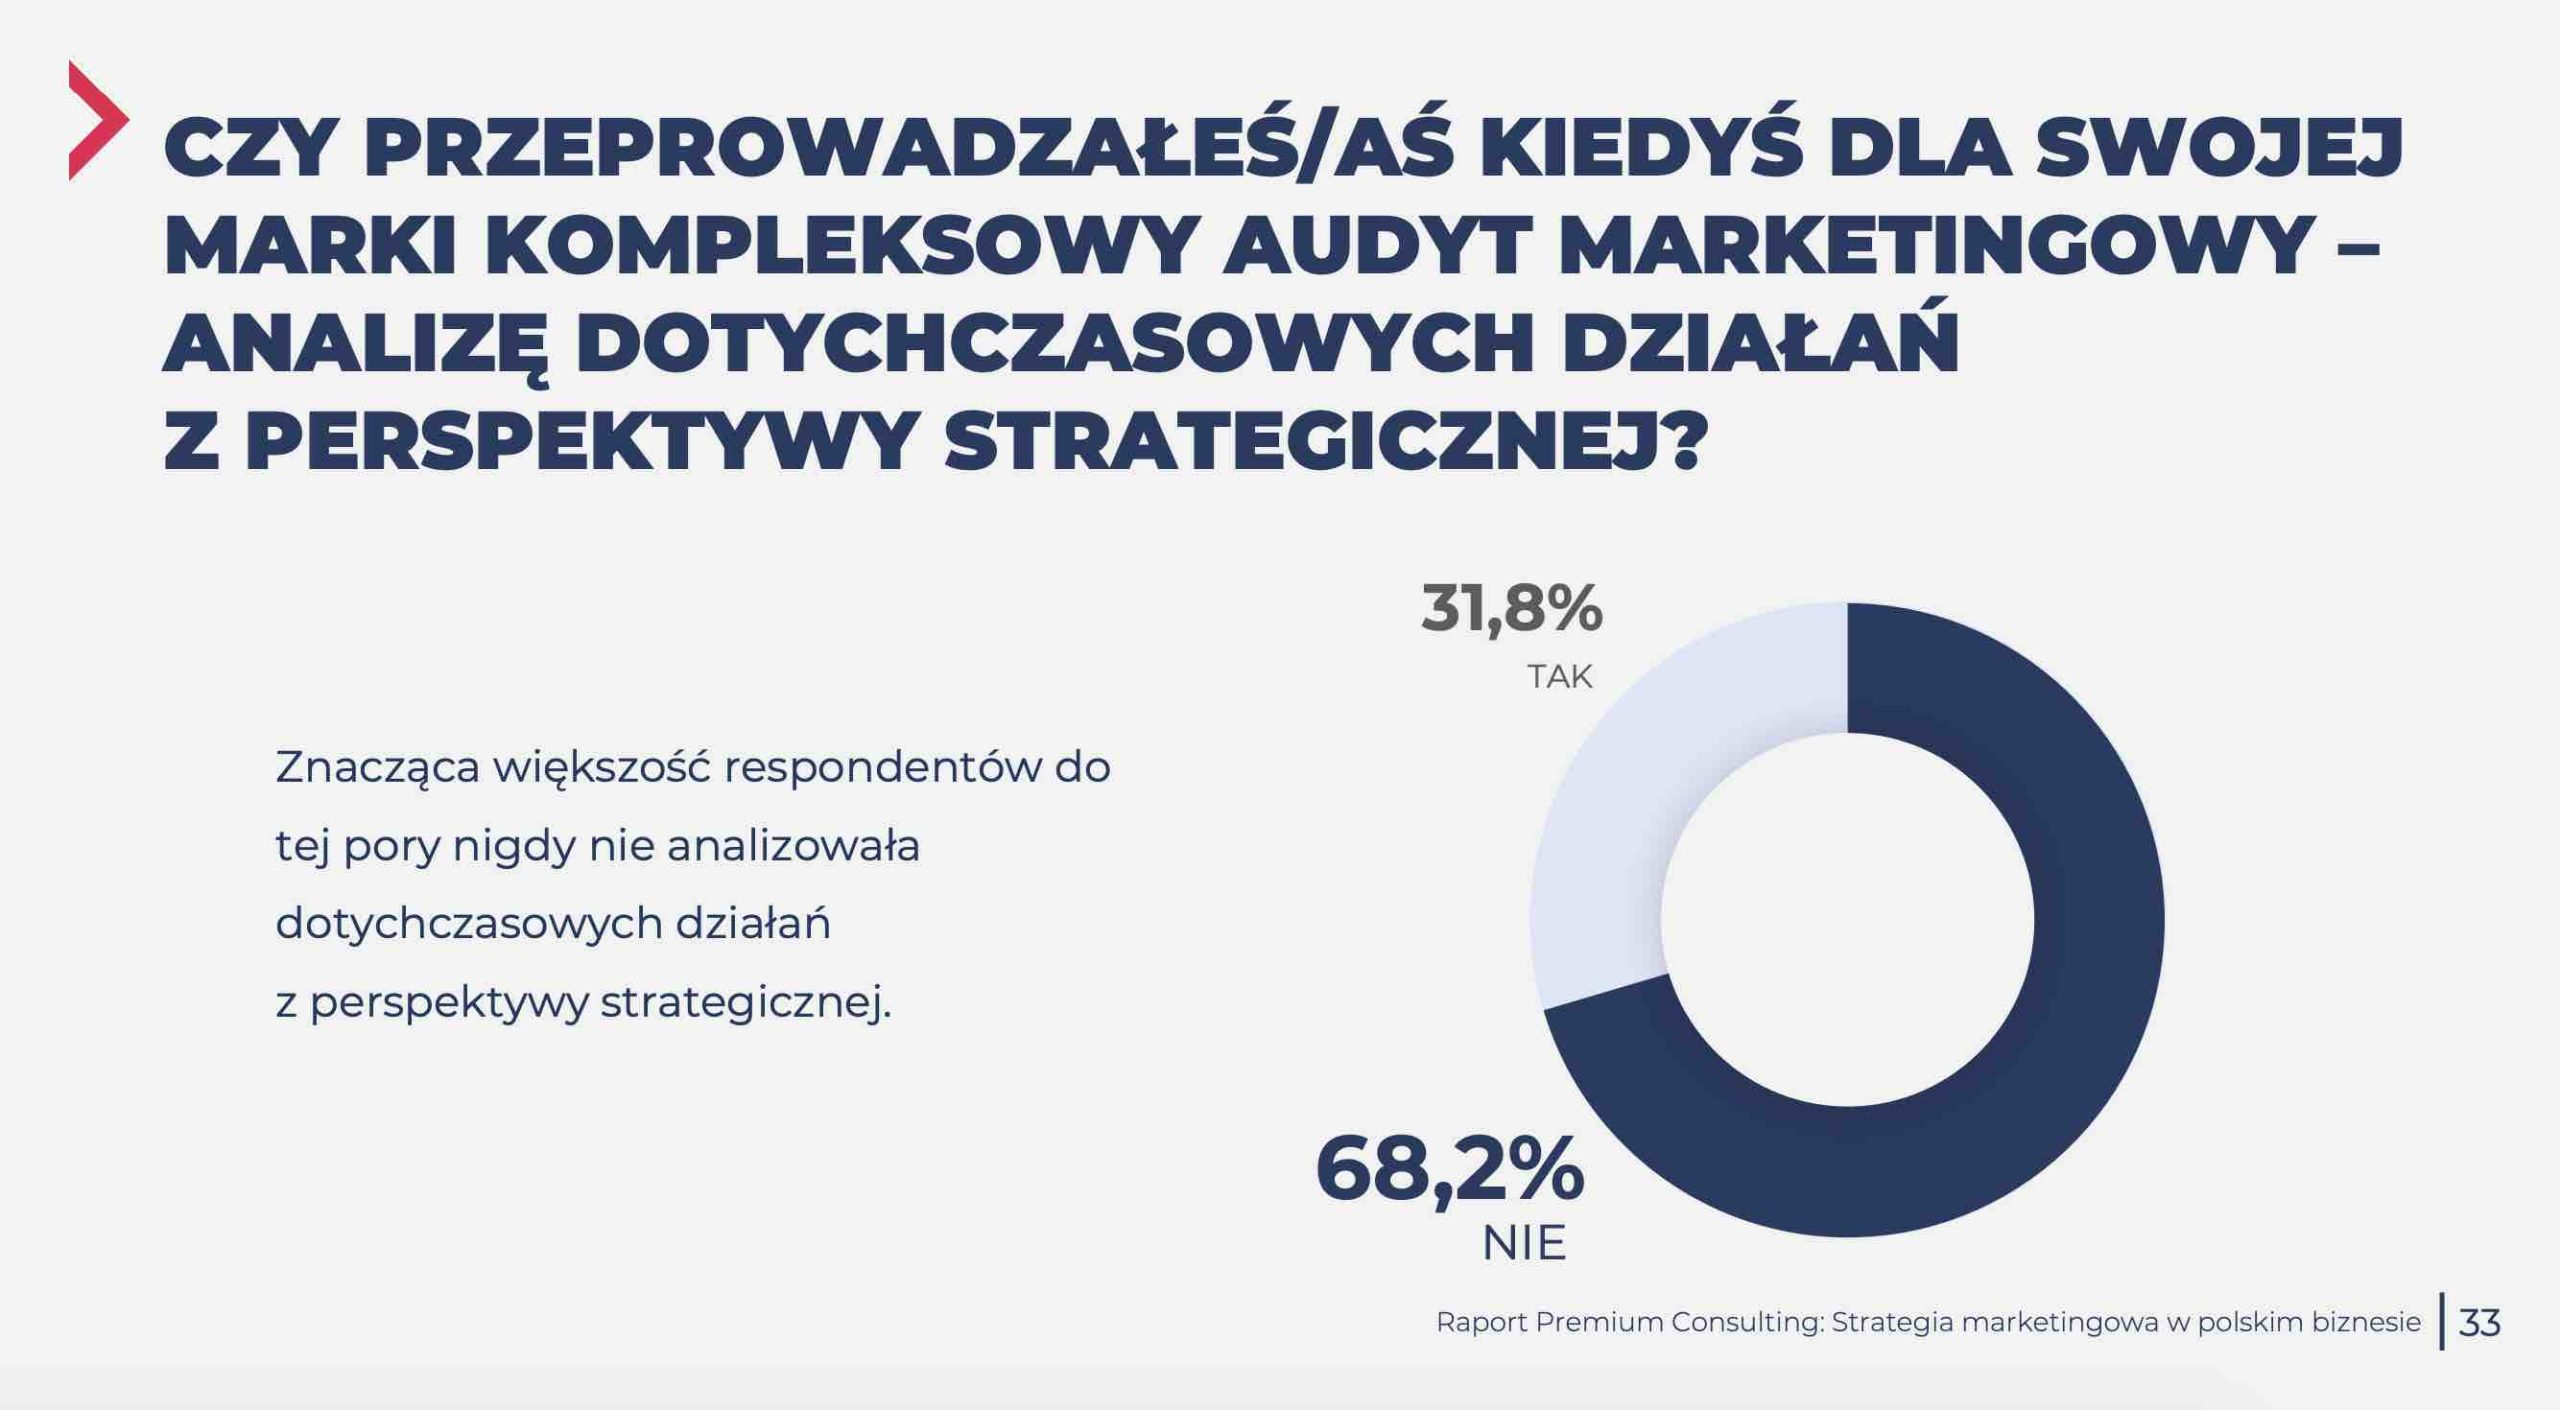 audyt marketingowy